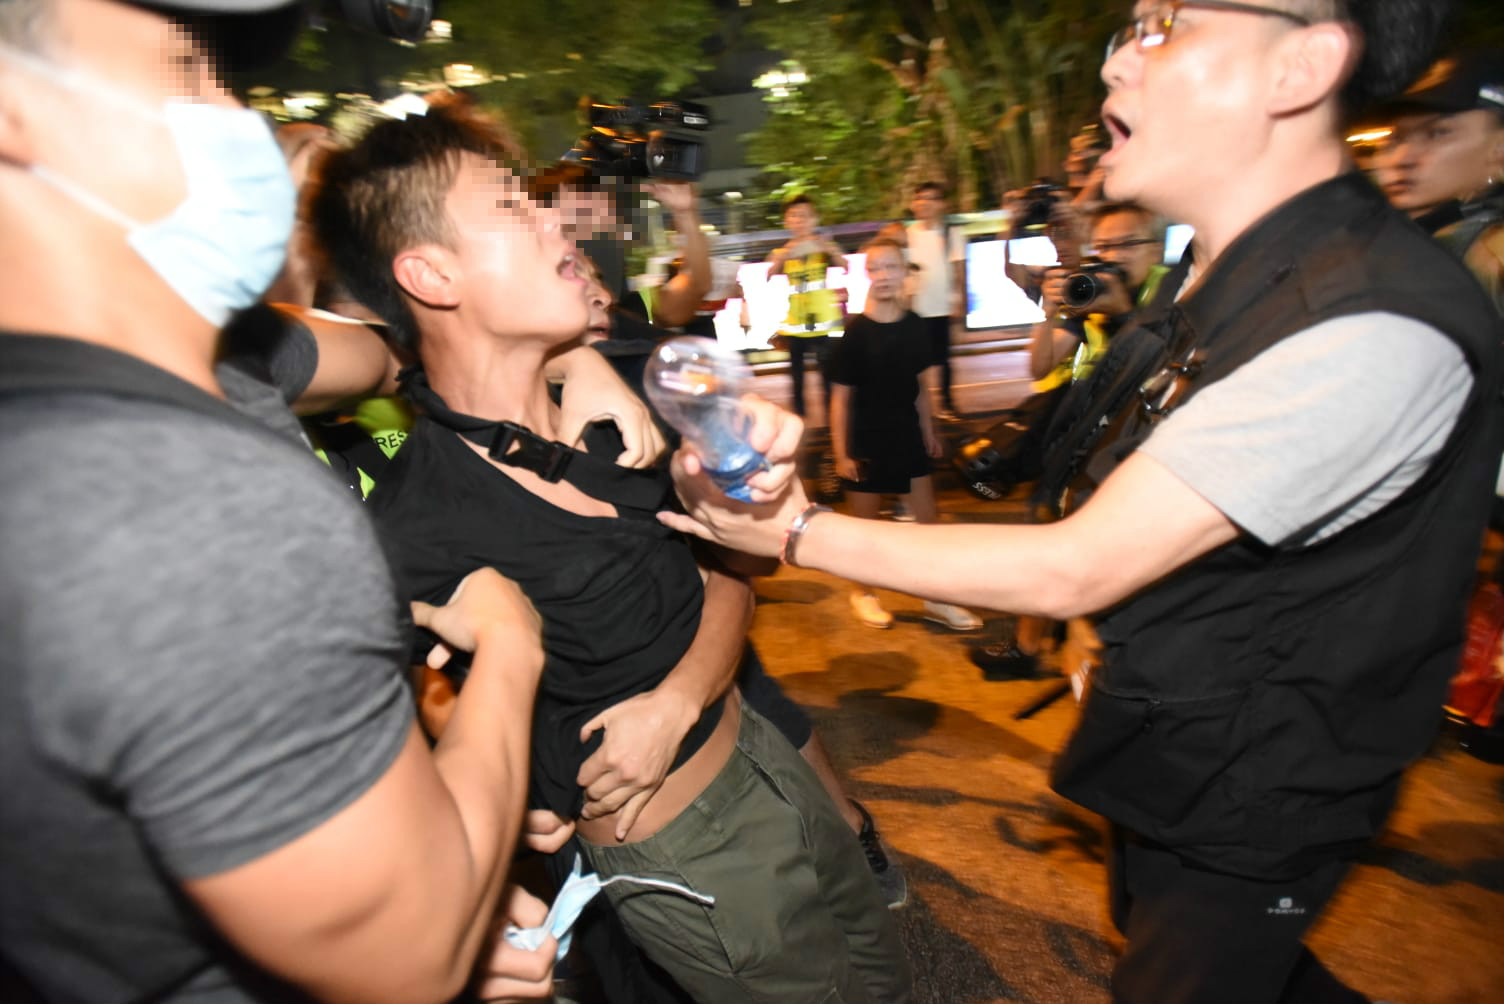 警員與被截查男子爆發推撞。